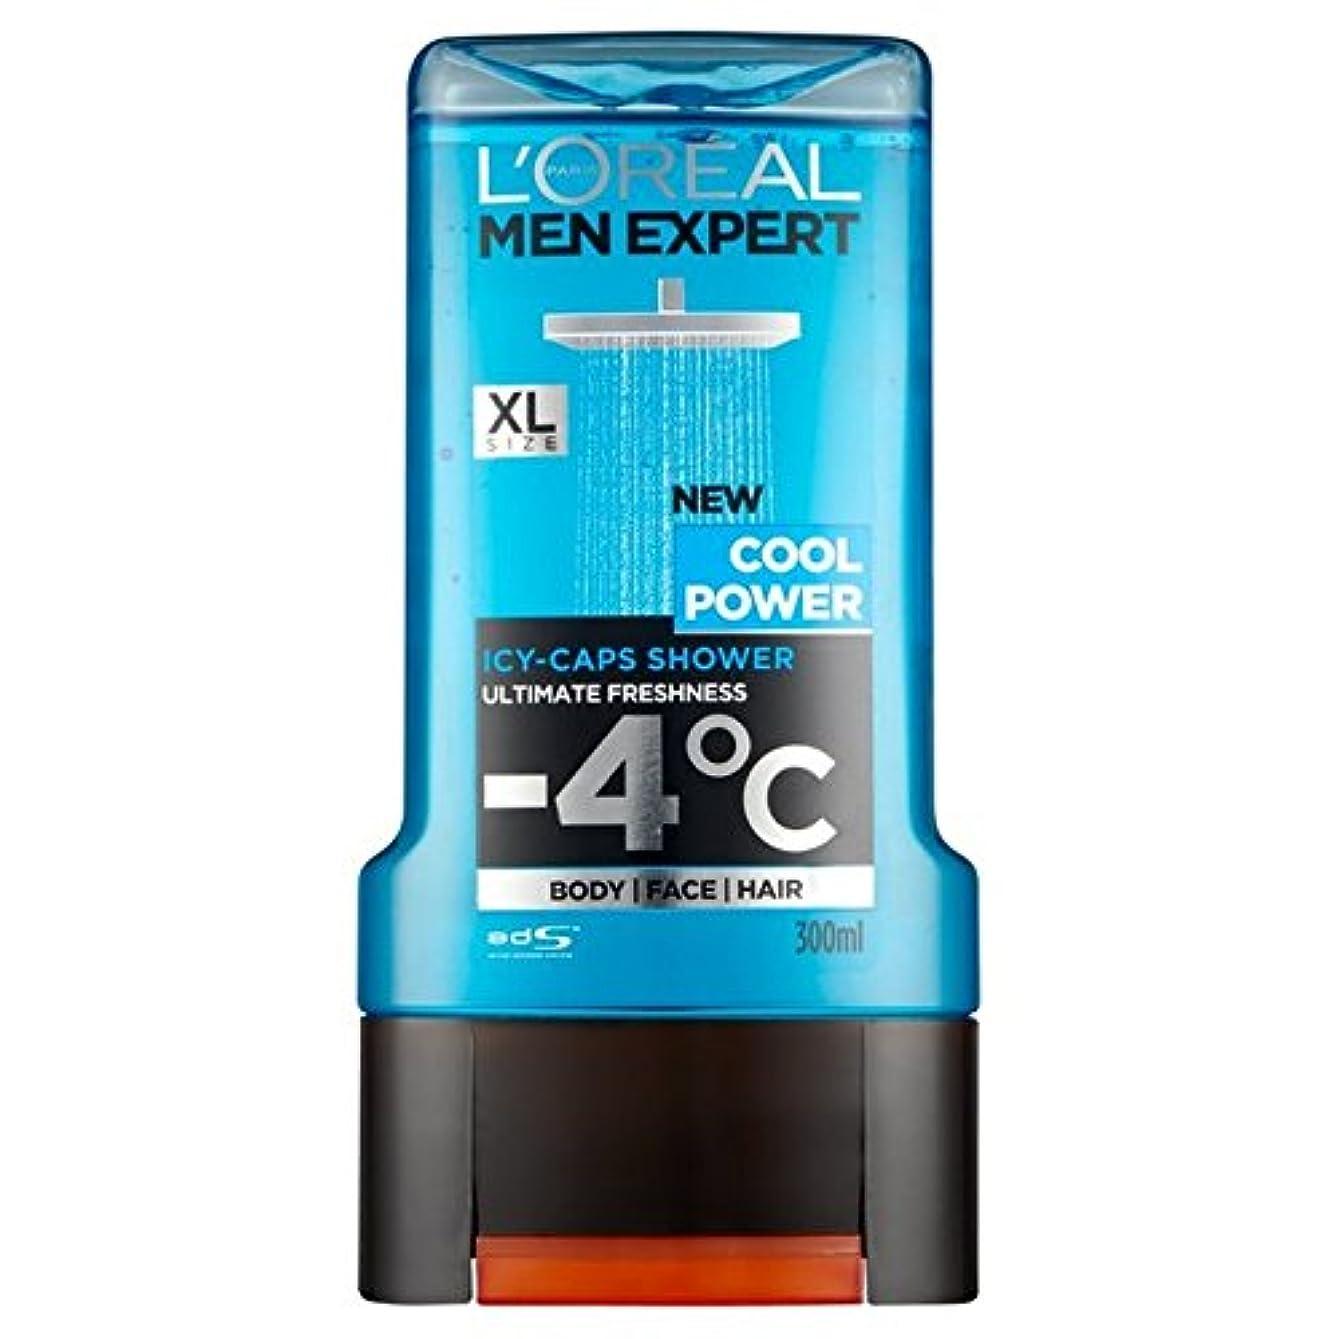 マスク研磨ボックスロレアルパリの男性の専門家のクールなパワーシャワージェル300ミリリットル x4 - L'Oreal Paris Men Expert Cool Power Shower Gel 300ml (Pack of 4) [並行輸入品]